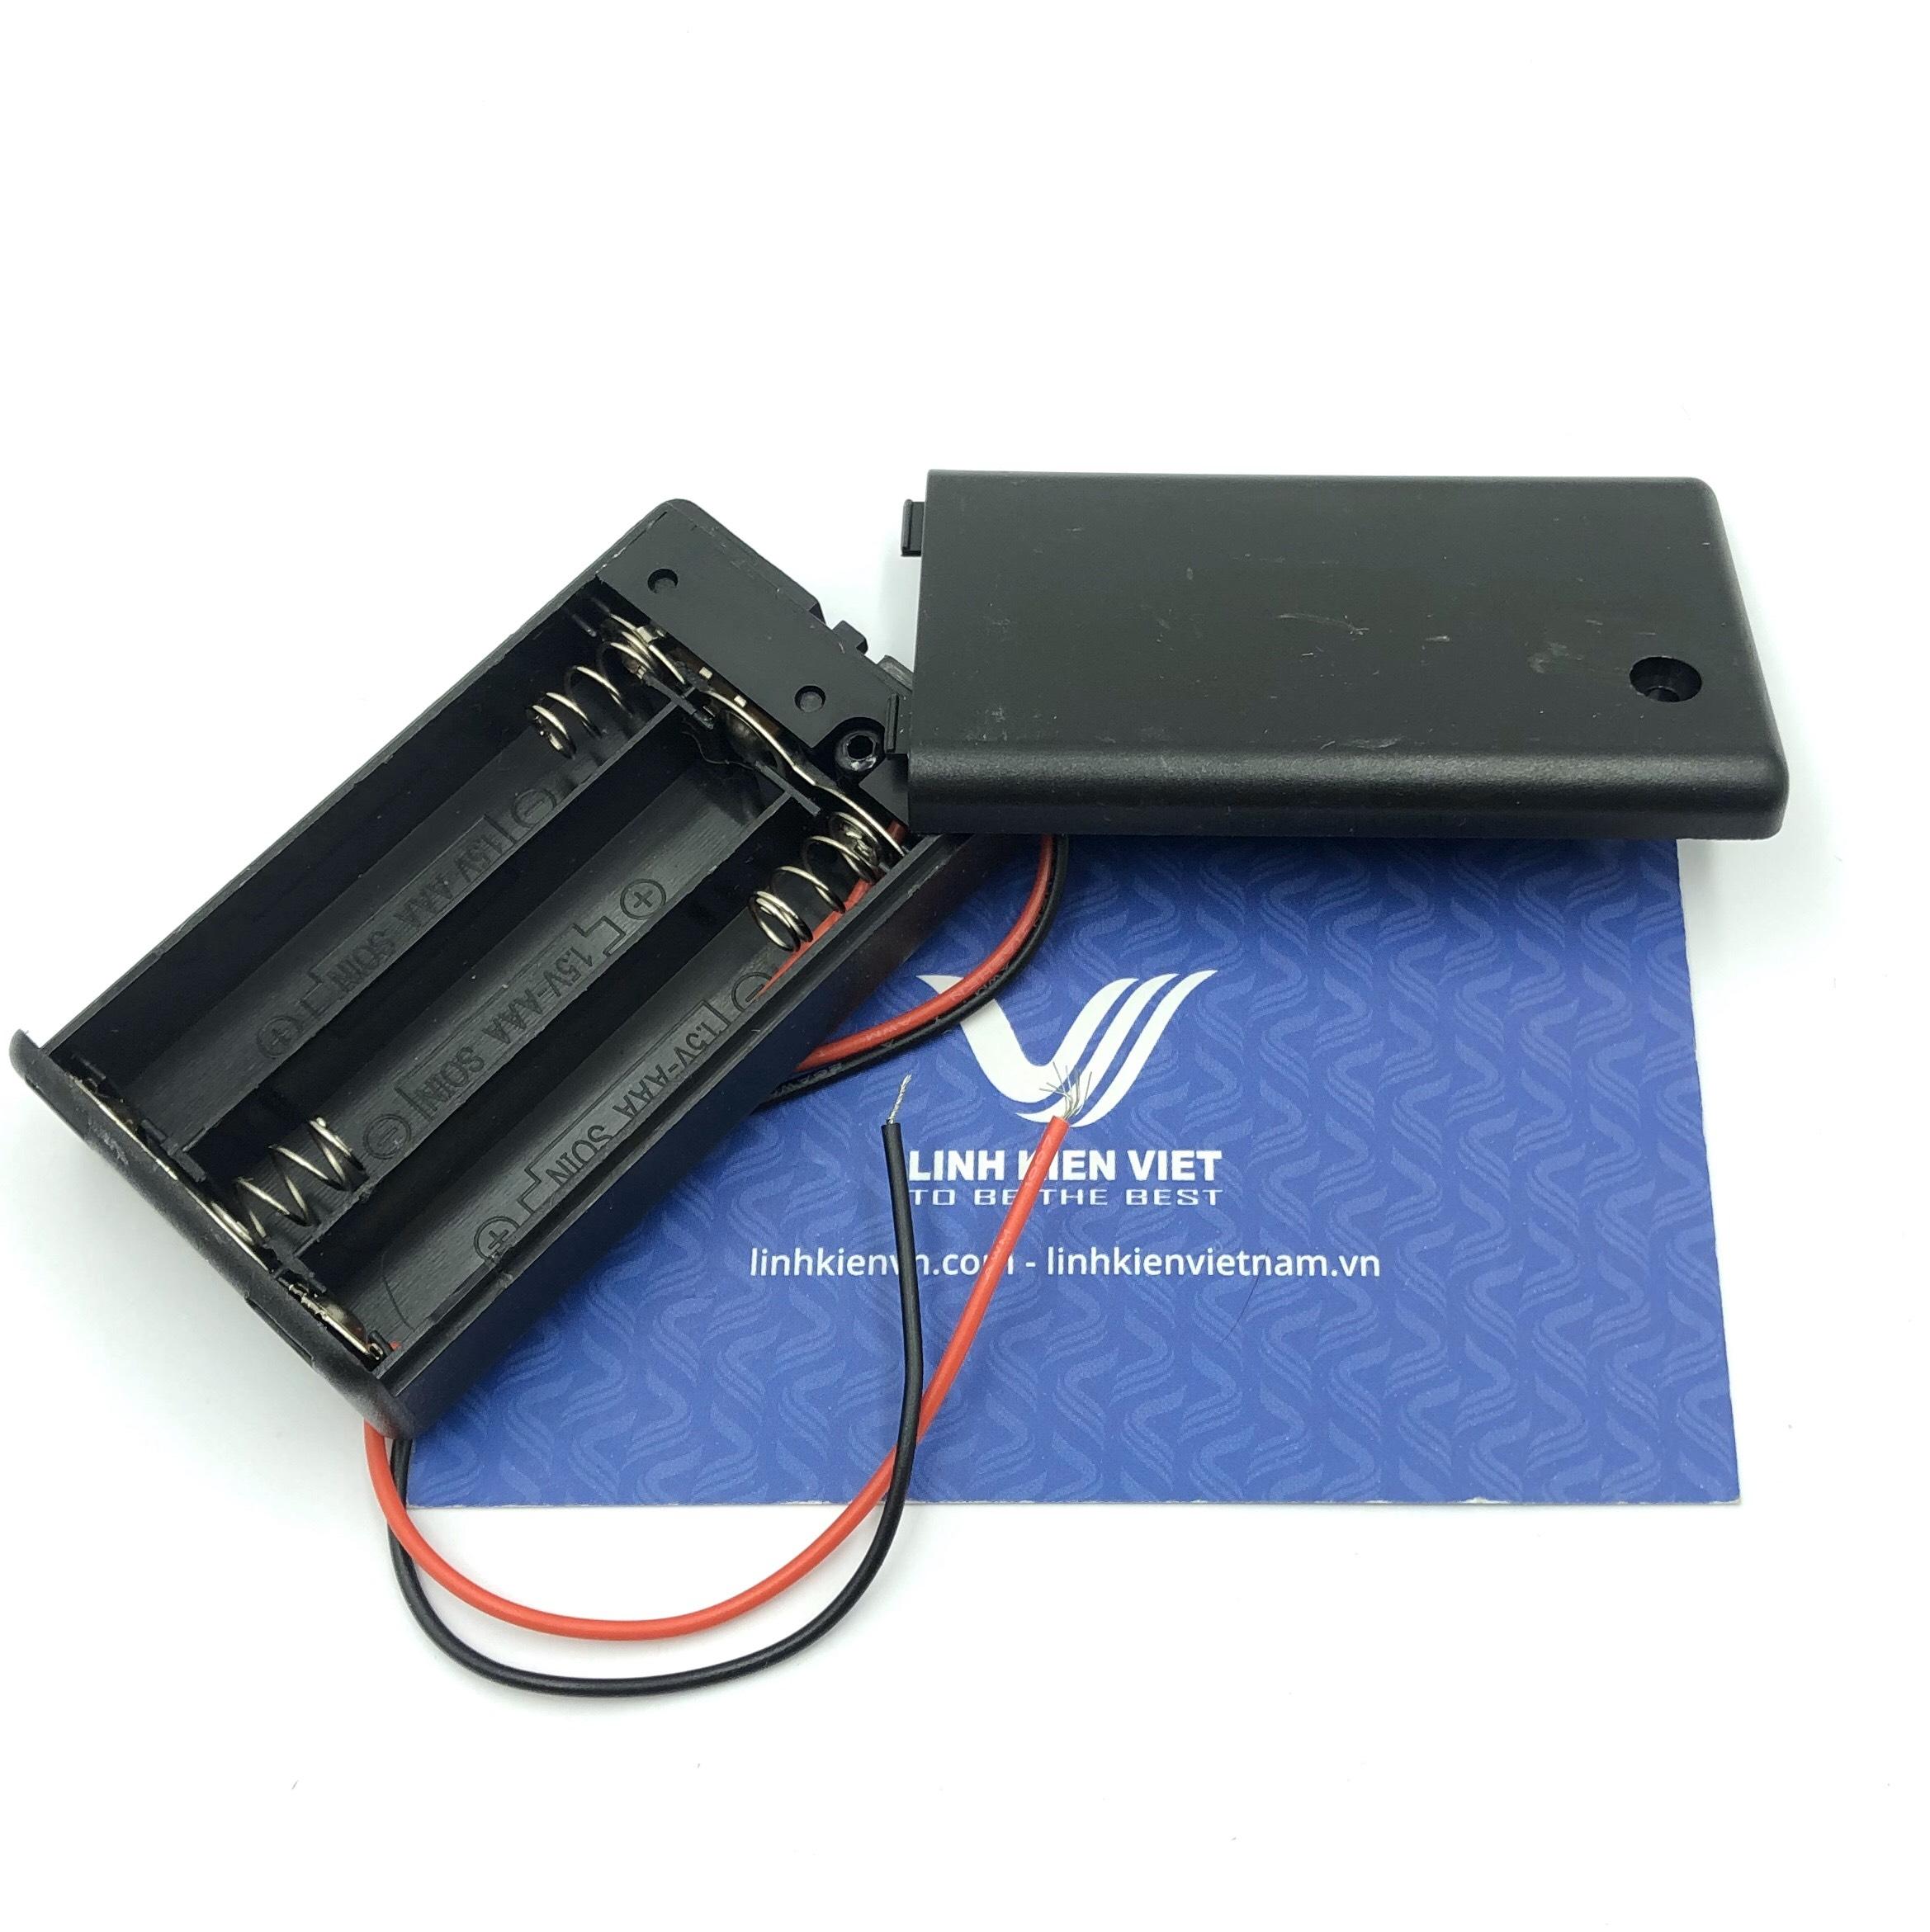 Đế pin AAA 3 pin có công tắc gạt - X3H21